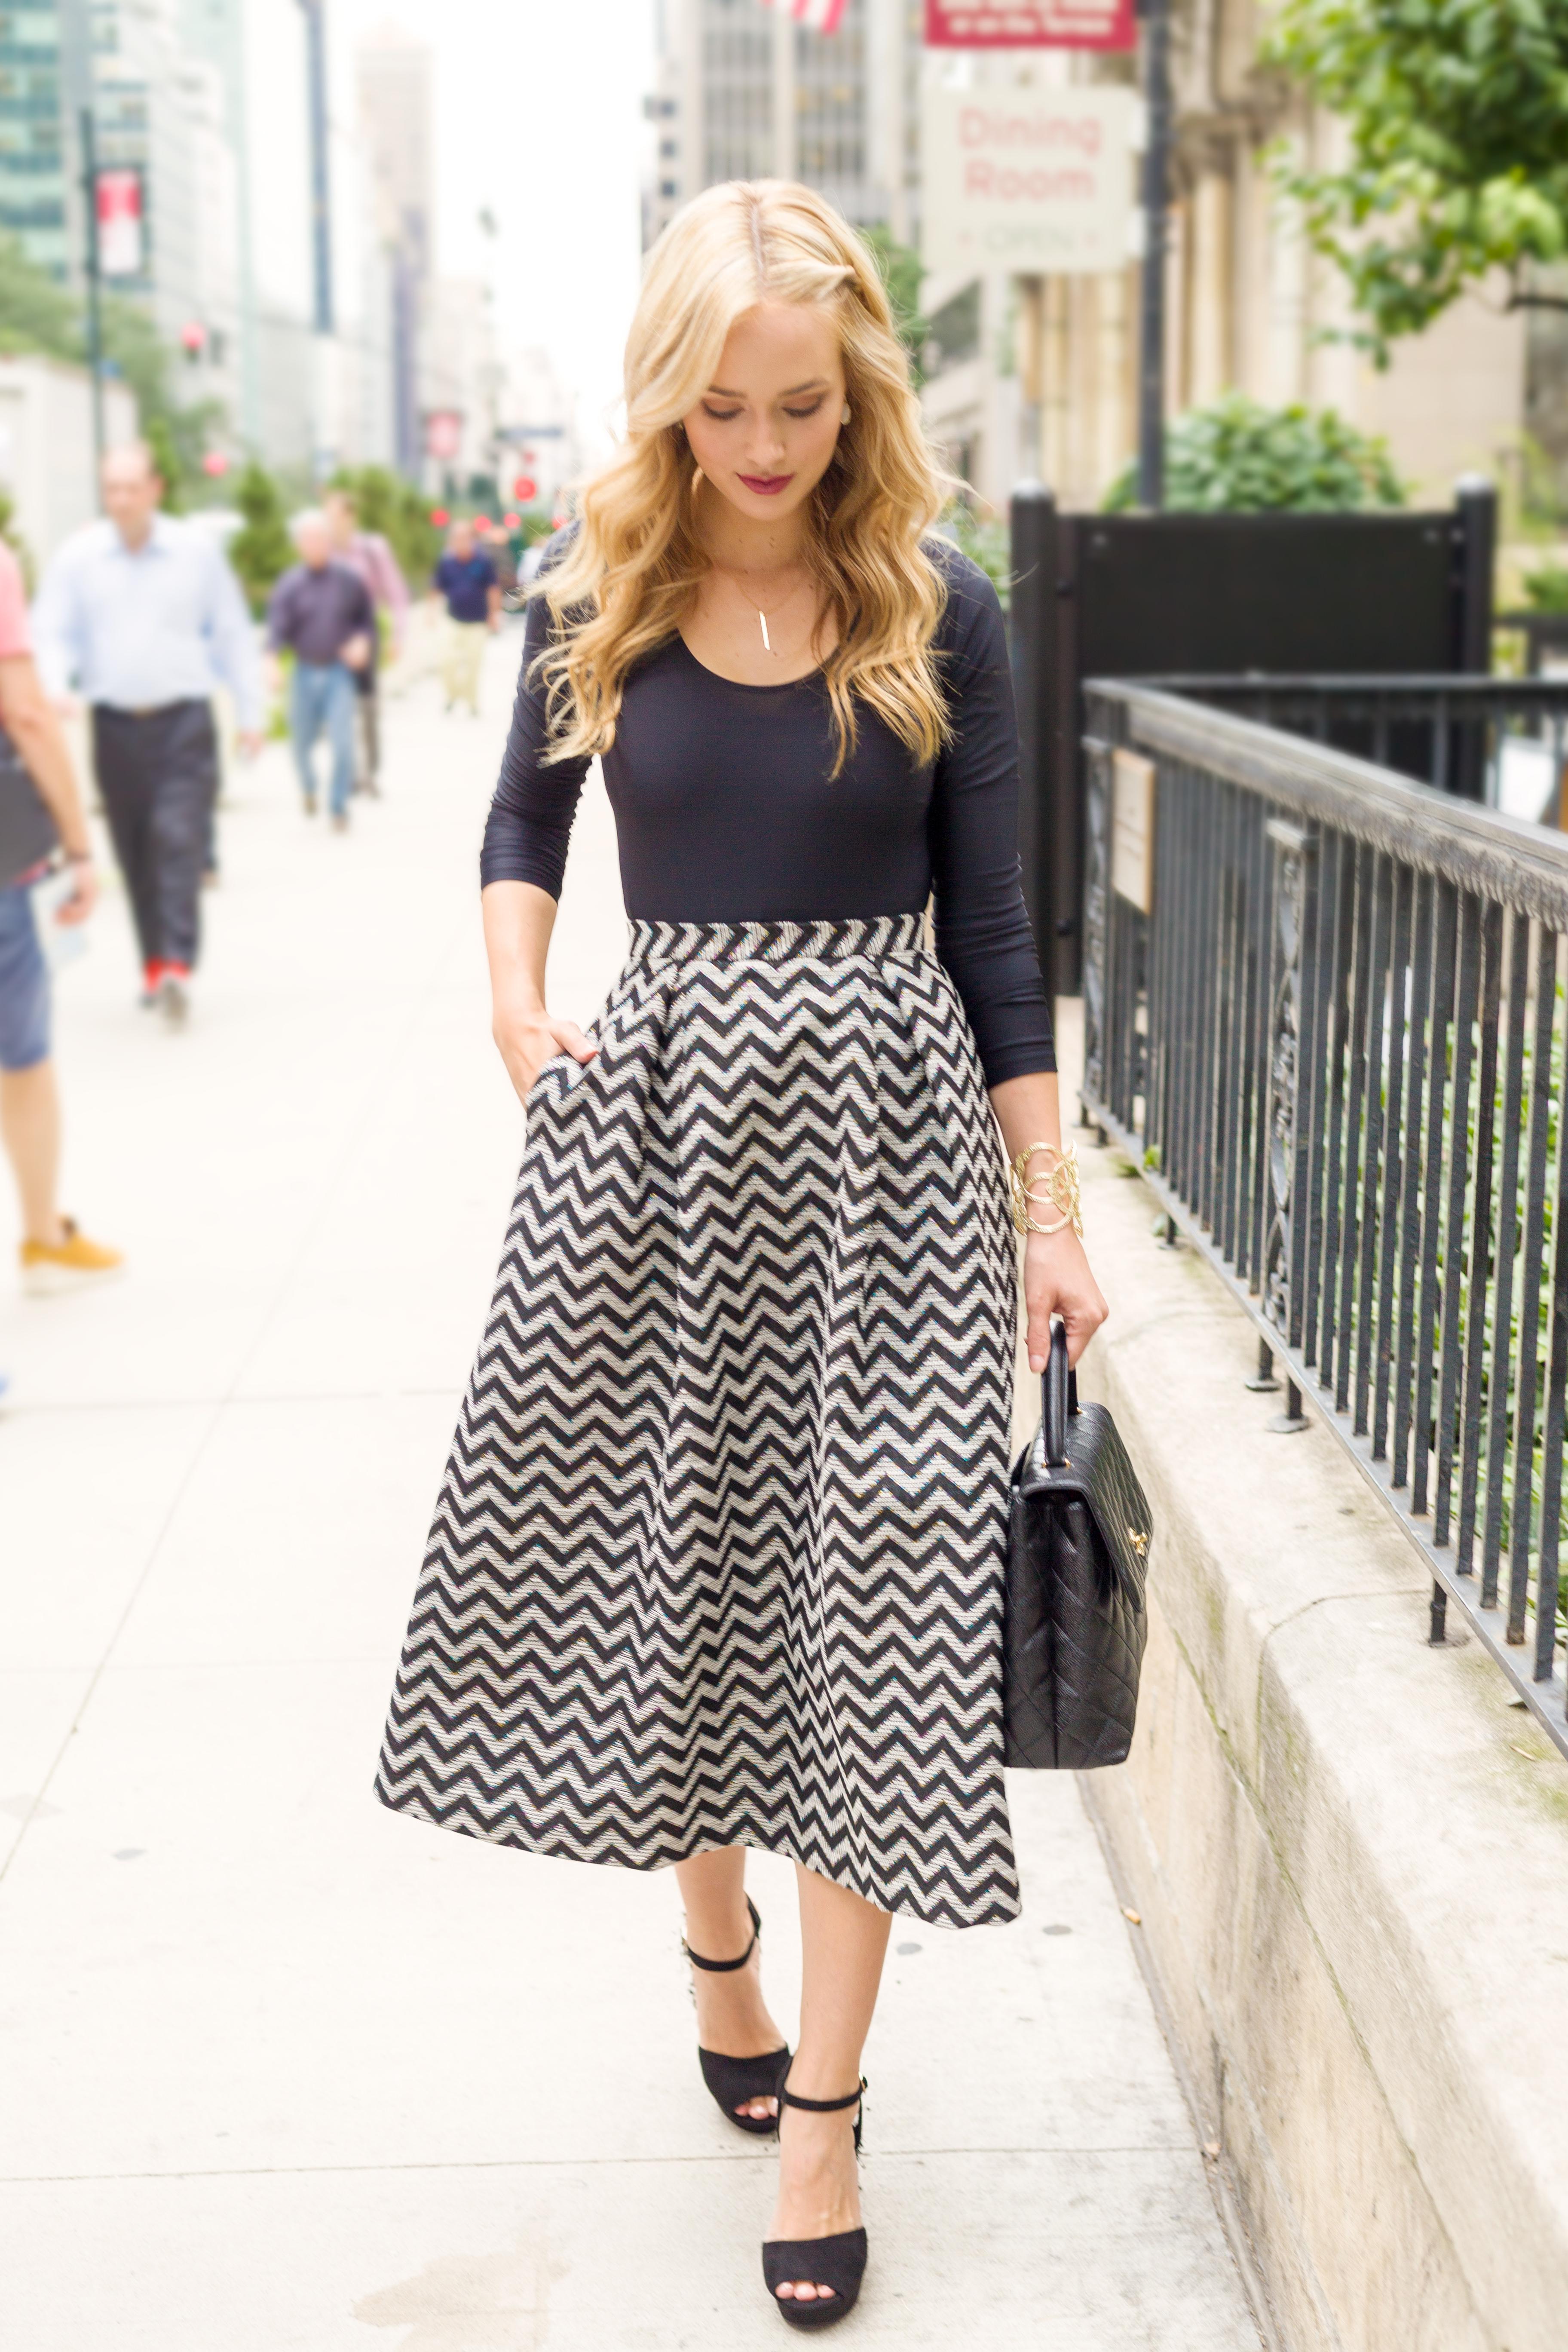 ASOS Chevron Skirt